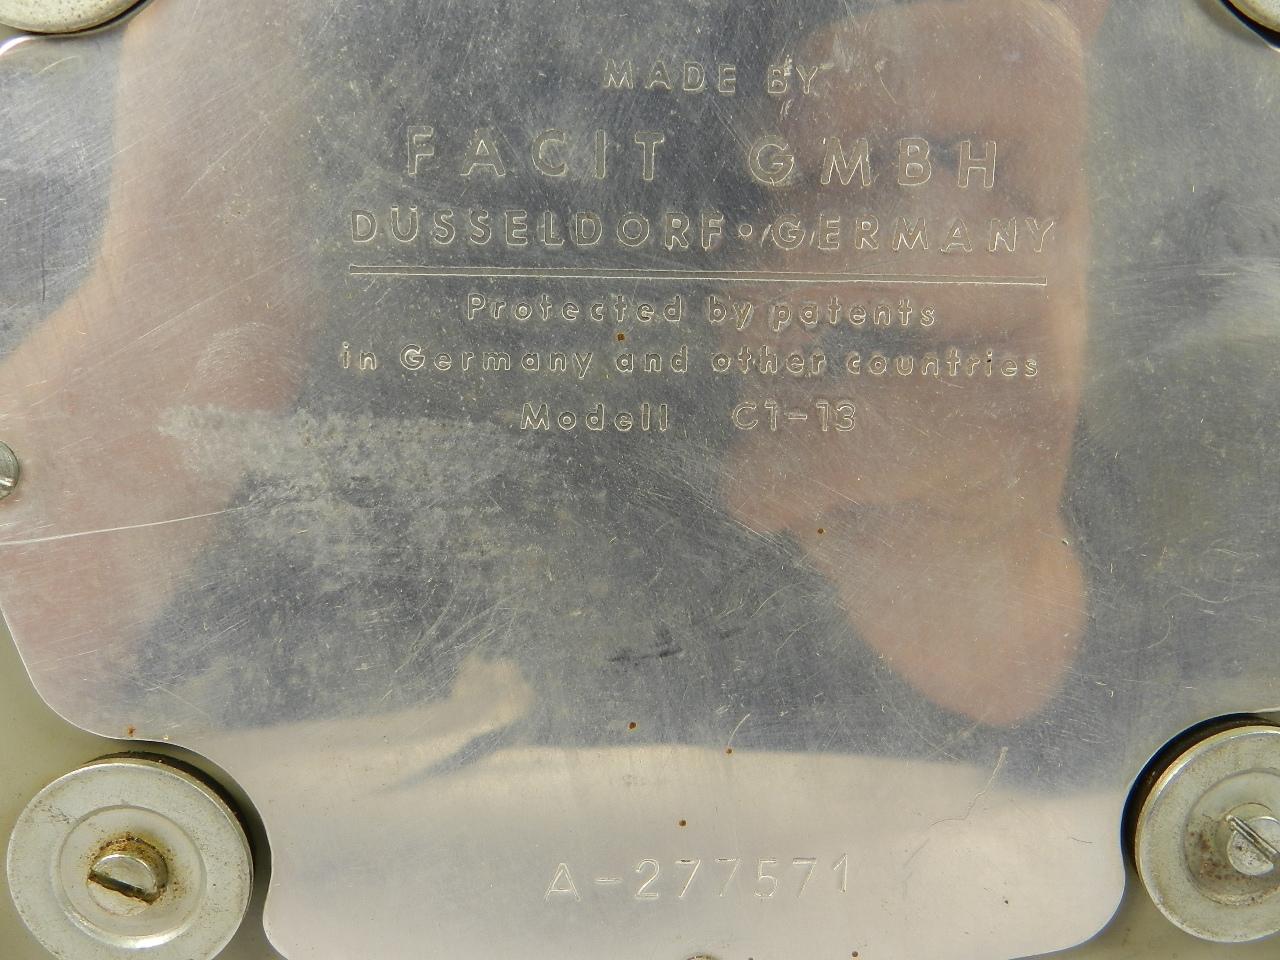 Imagen FACIT  MODELO II C1-13 AÑO 1950 33608